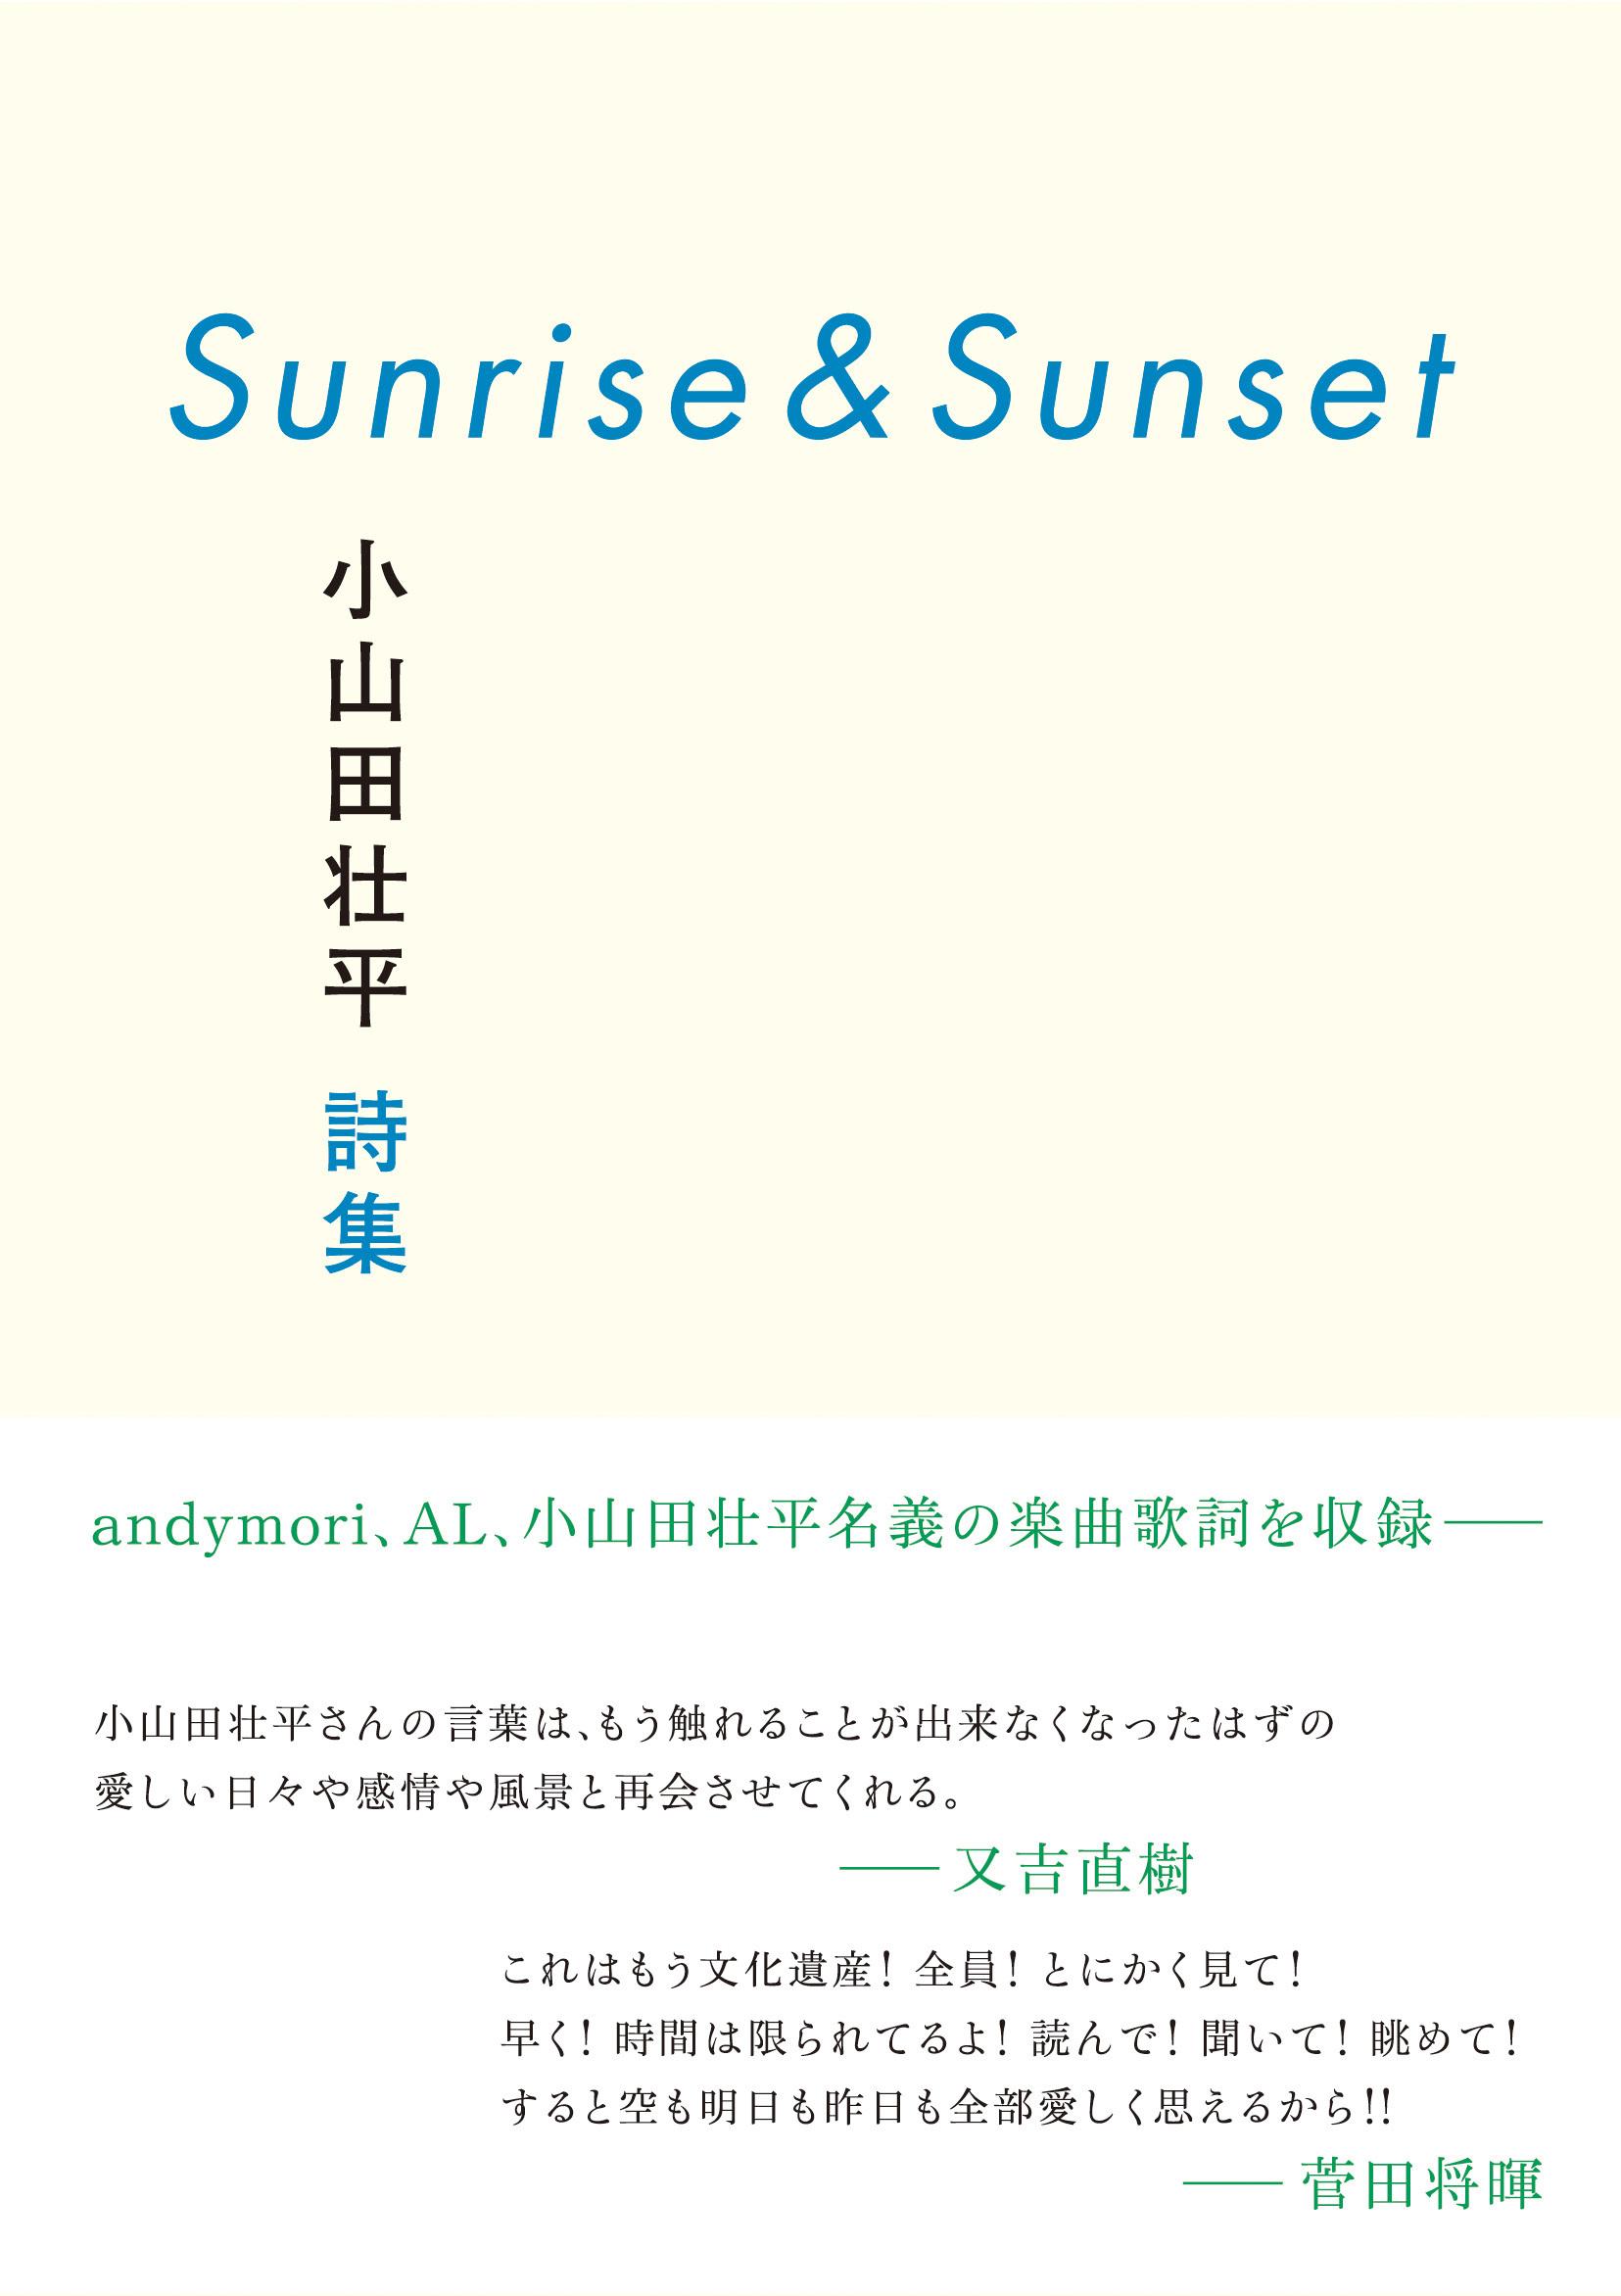 小山田壮平『Sunrise&Sunset 小山田壮平詩集』